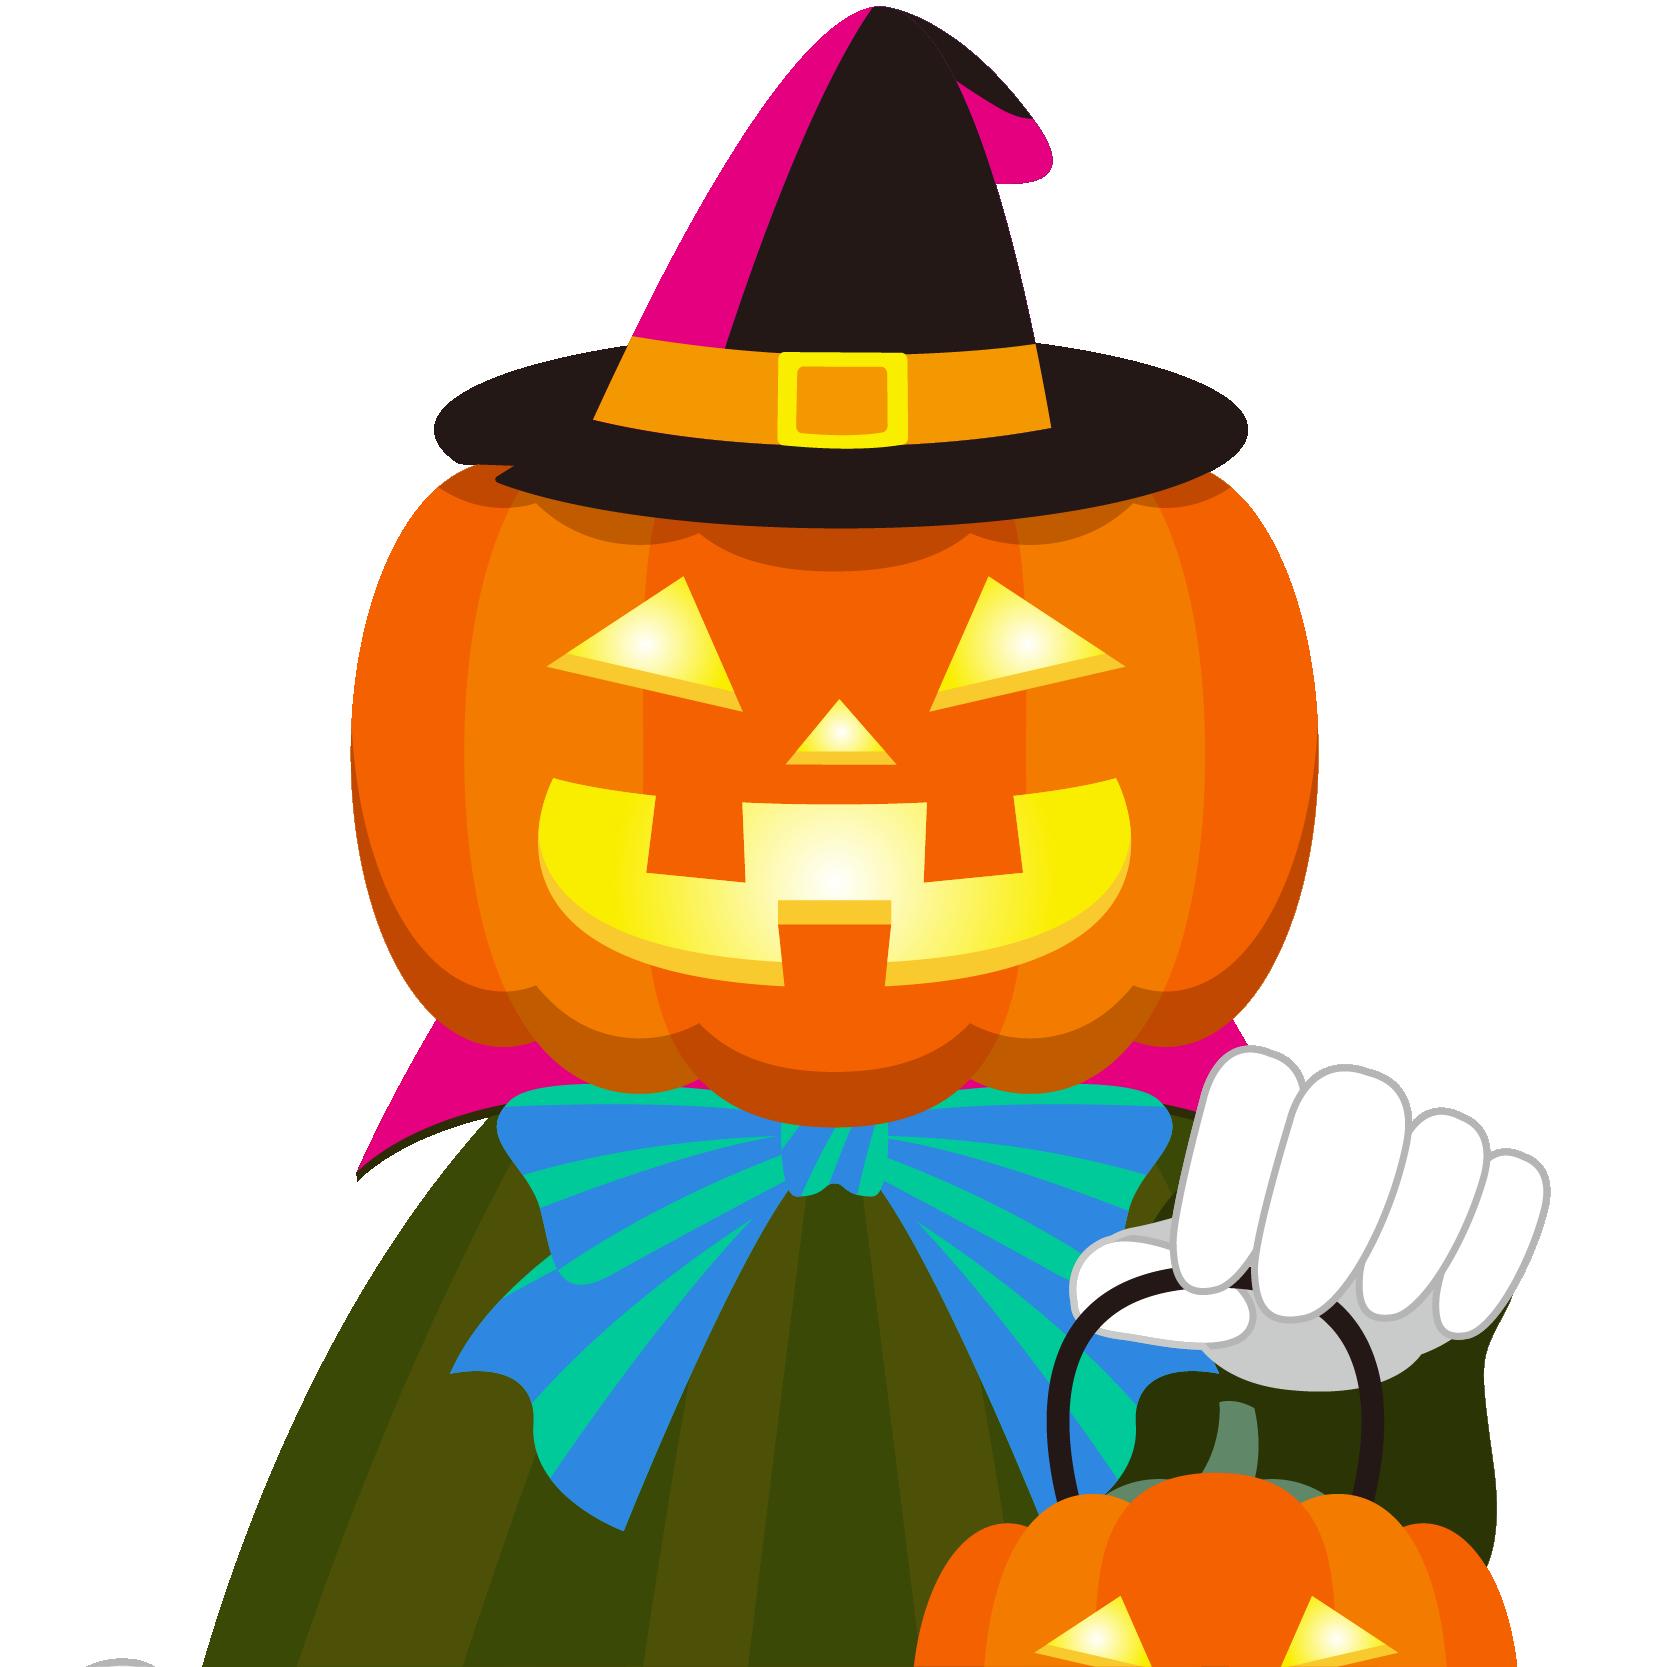 商用フリーイラスト_無料_10月_ハロウィン_ジャックオーランタン_かぼちゃ_コスプレ_halloween_上半身